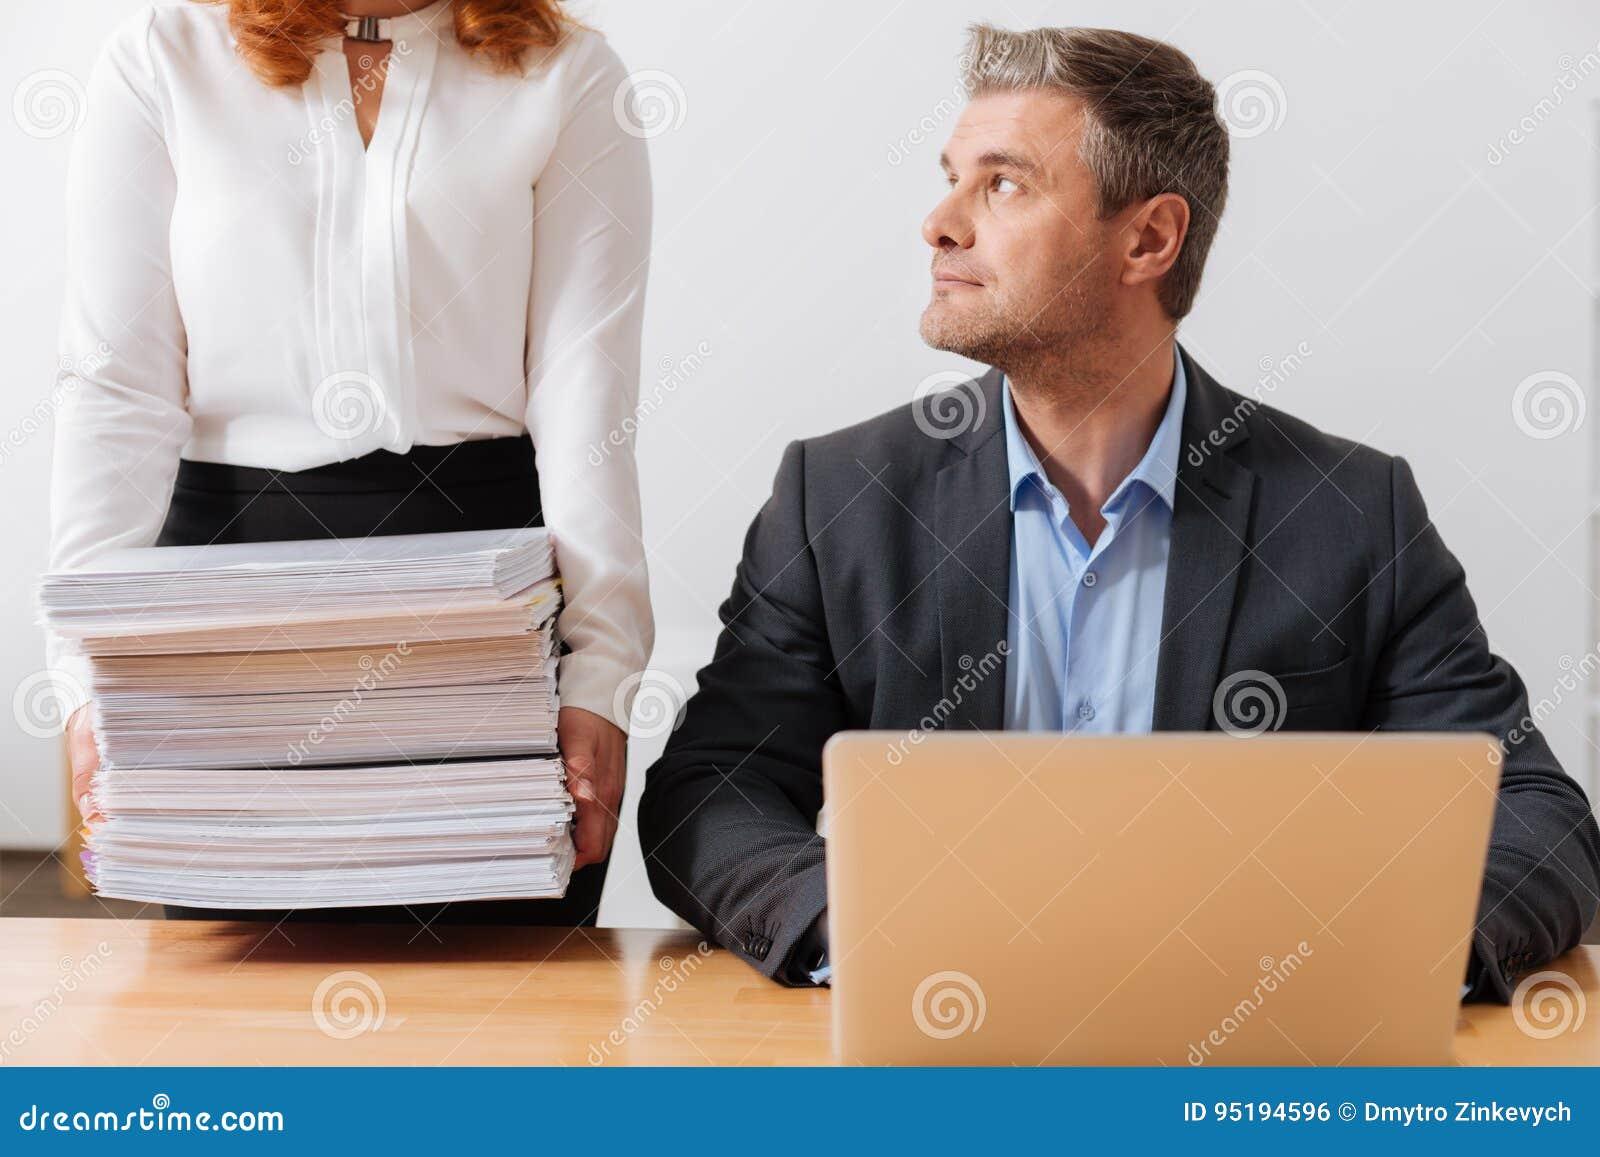 Секретарша и ее босс — photo 8